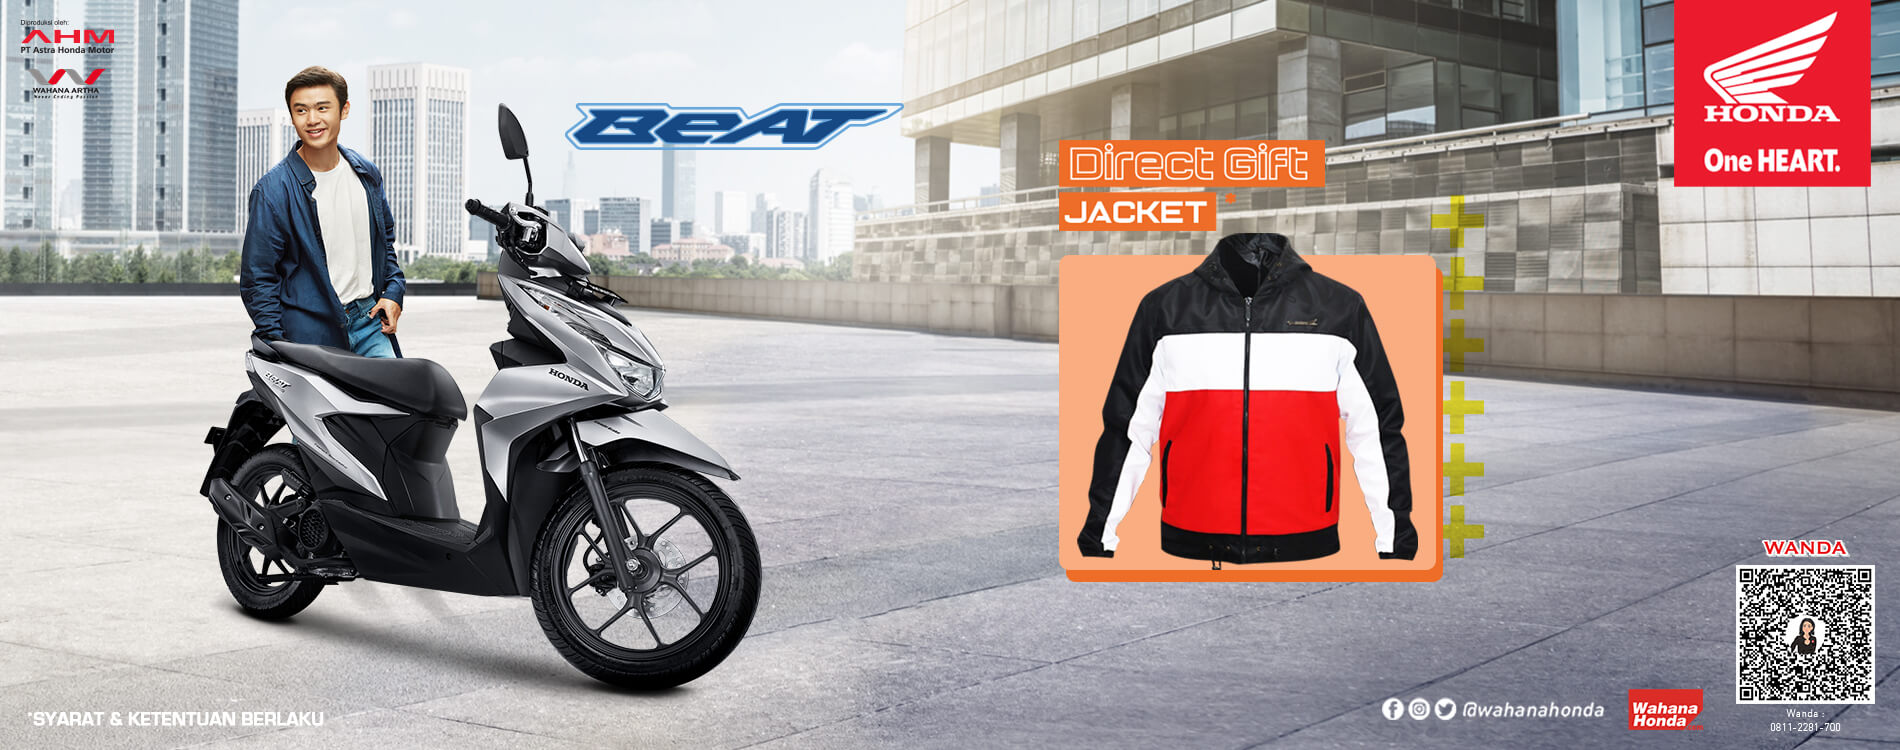 Promo Honda BeAT - Periode April 2021